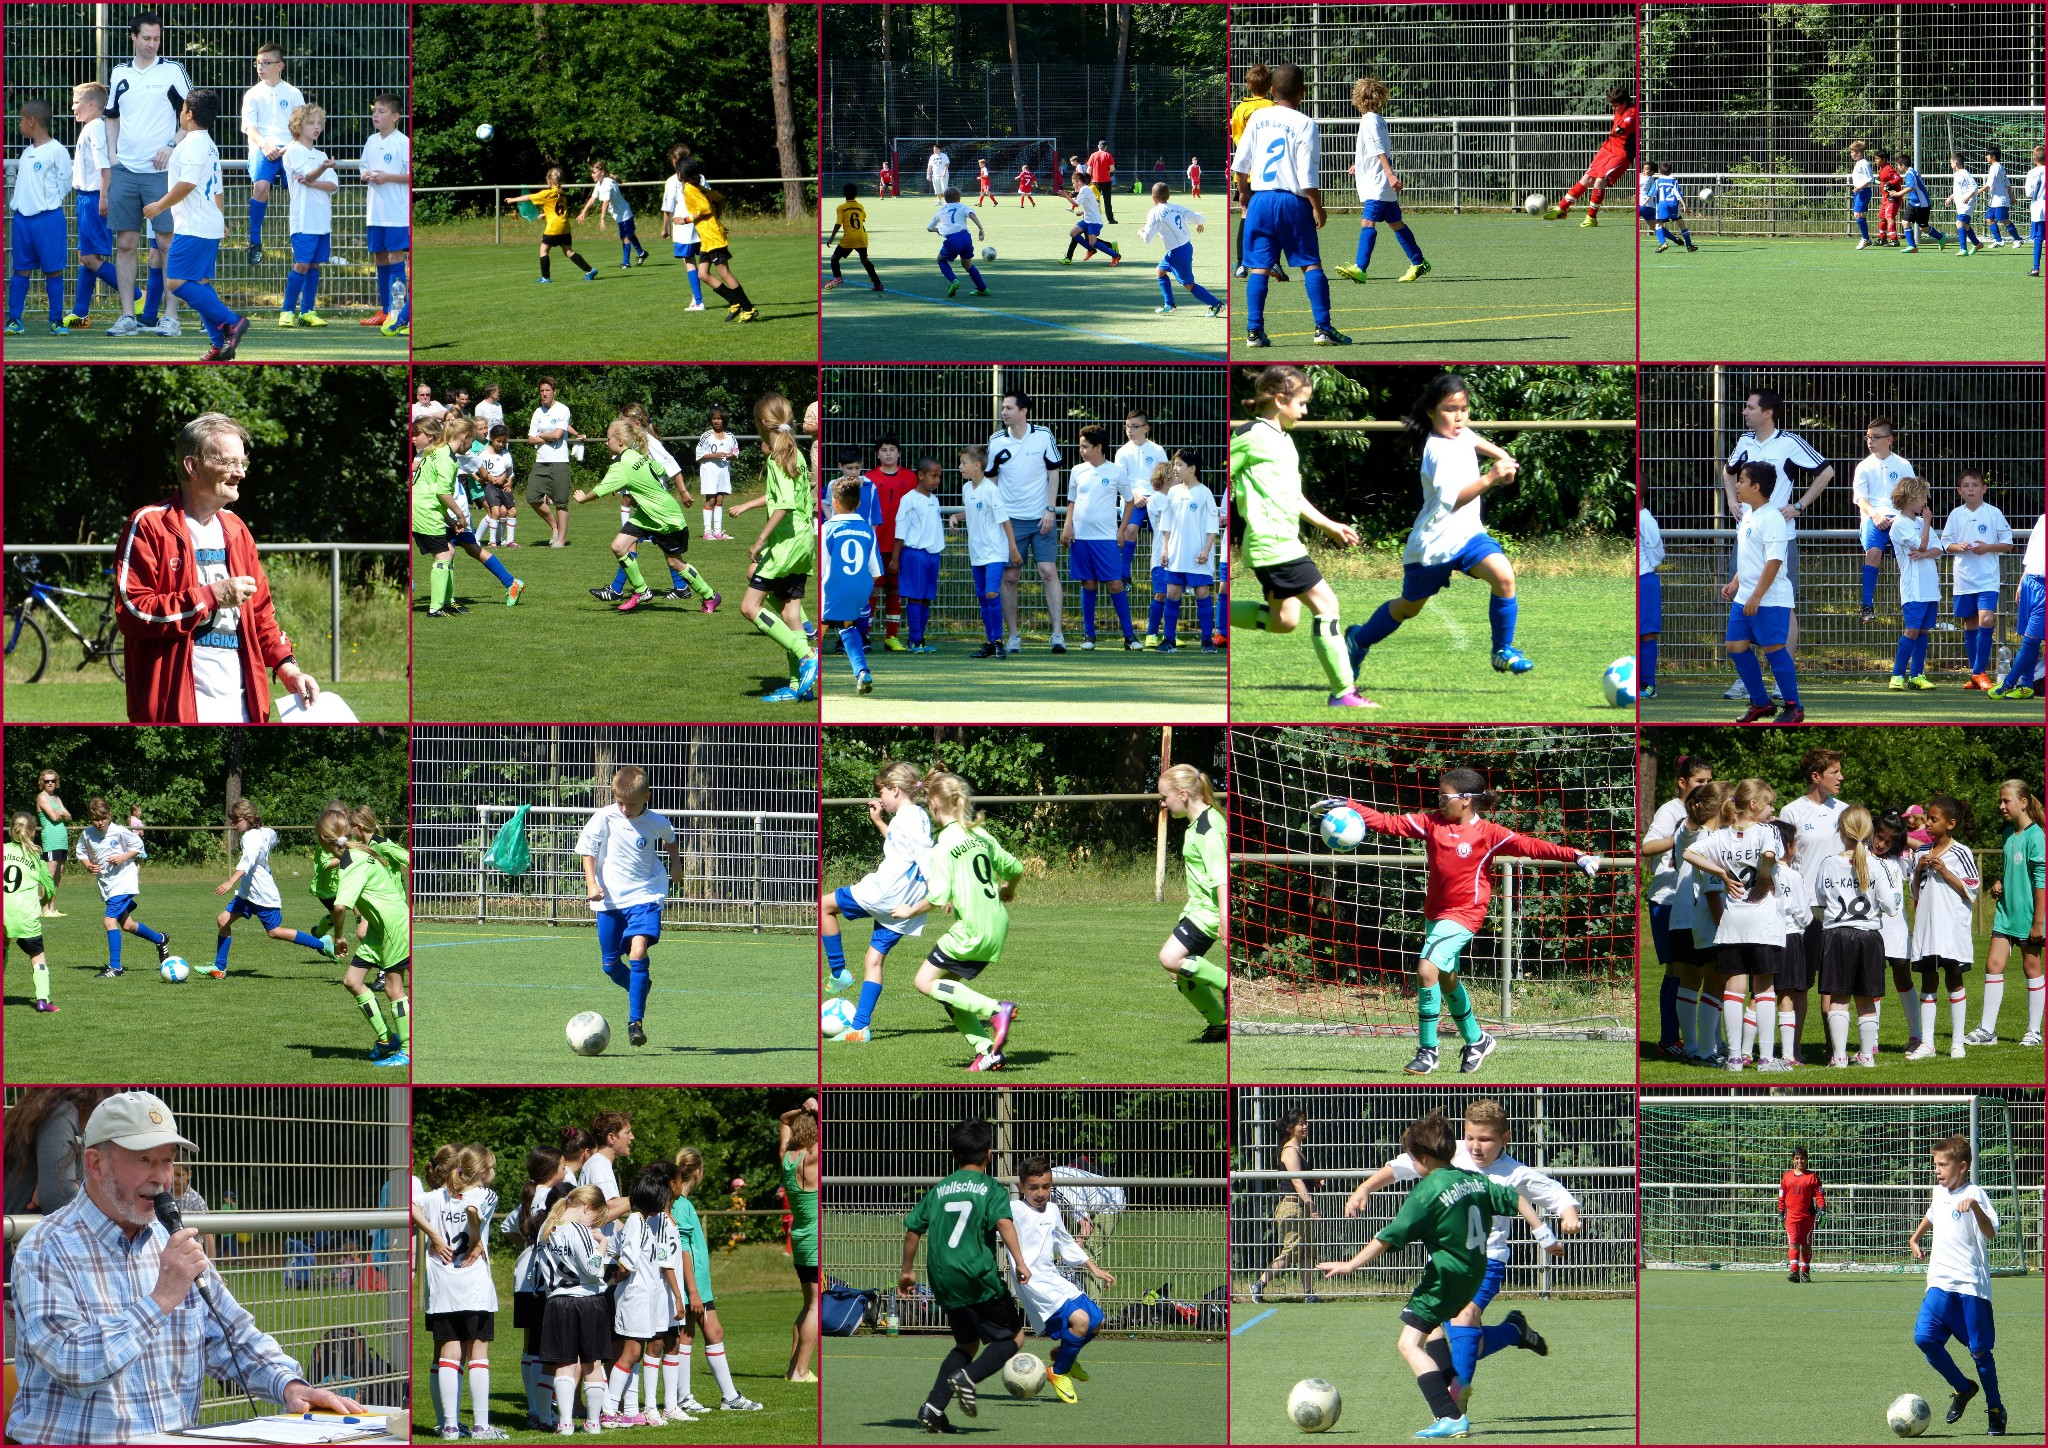 2014-06-13_Fussball.jpg